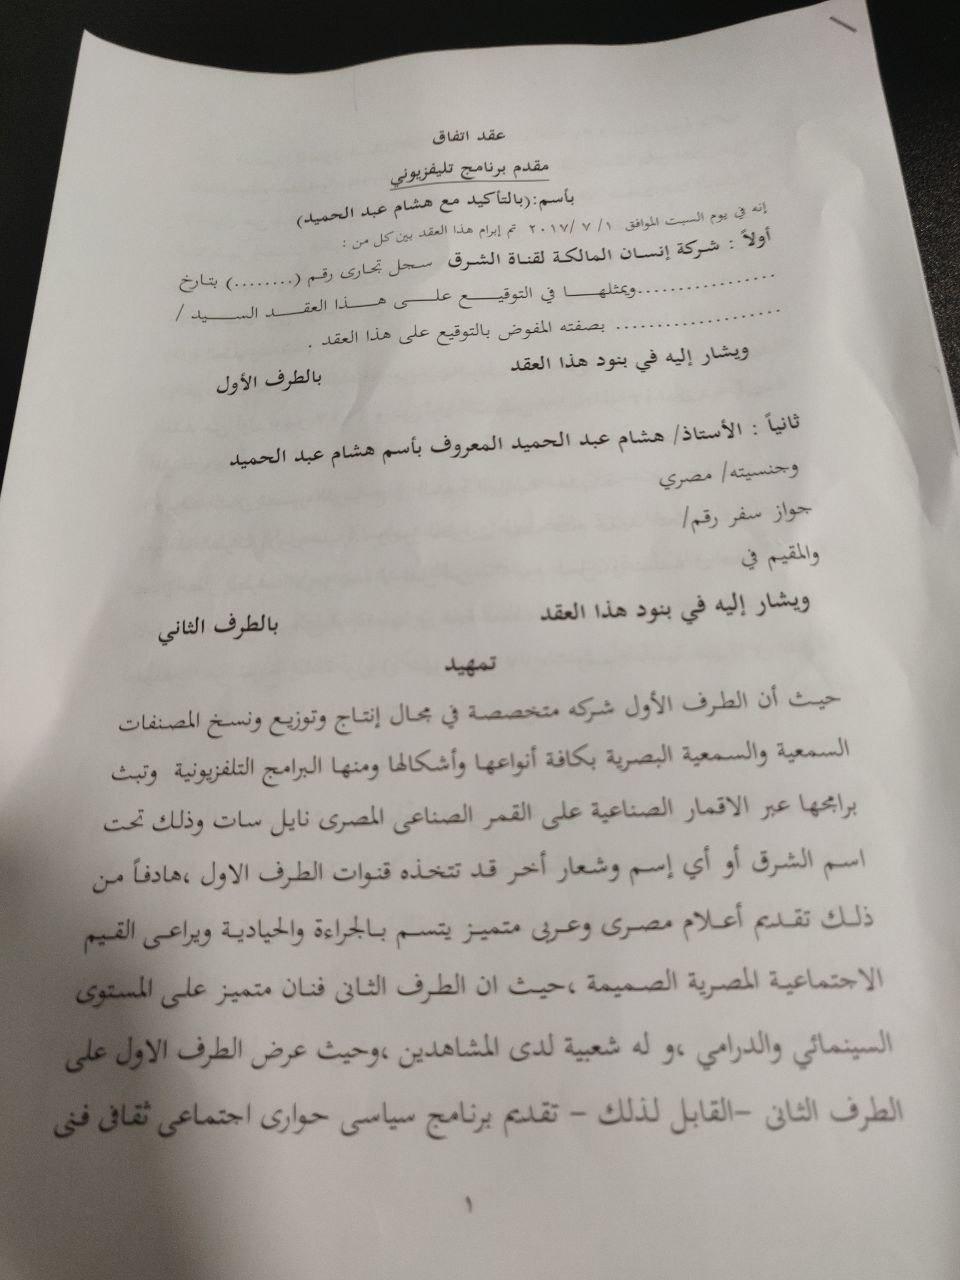 عقد قناة الشرق مع هشام عبد الحميد